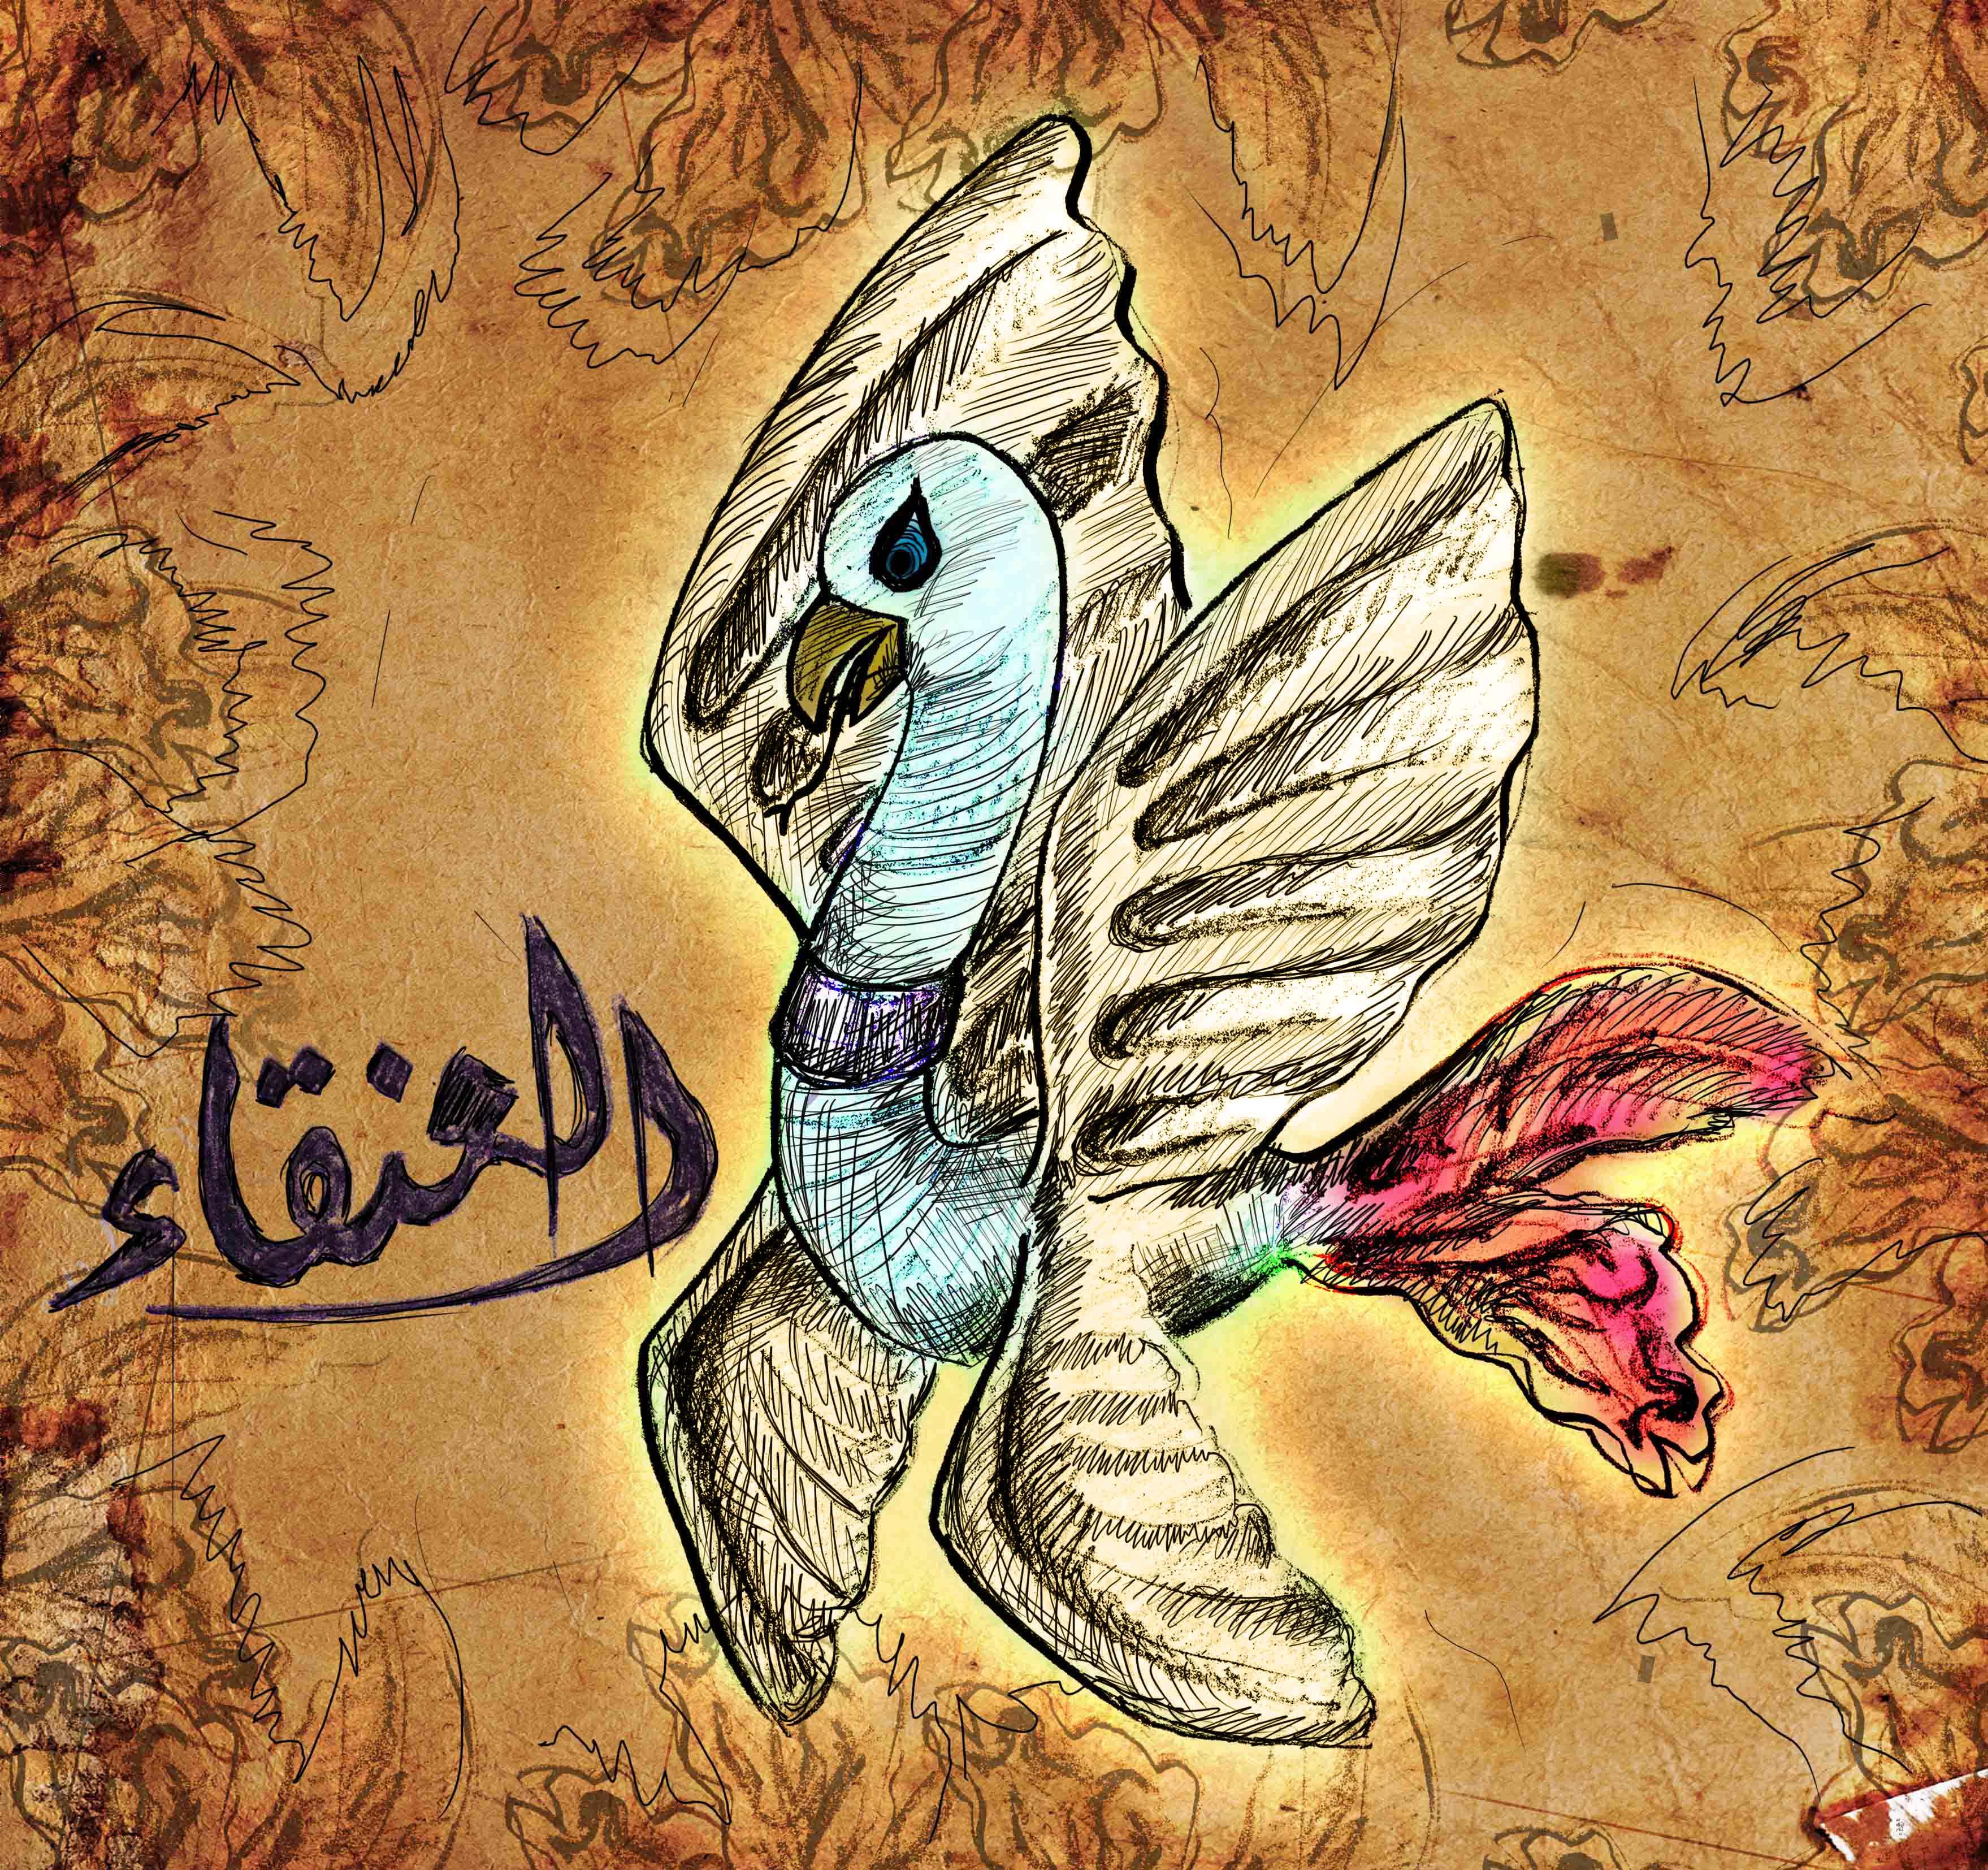 الكائنات الأسطورية في الثقافة العربية - العنقاء